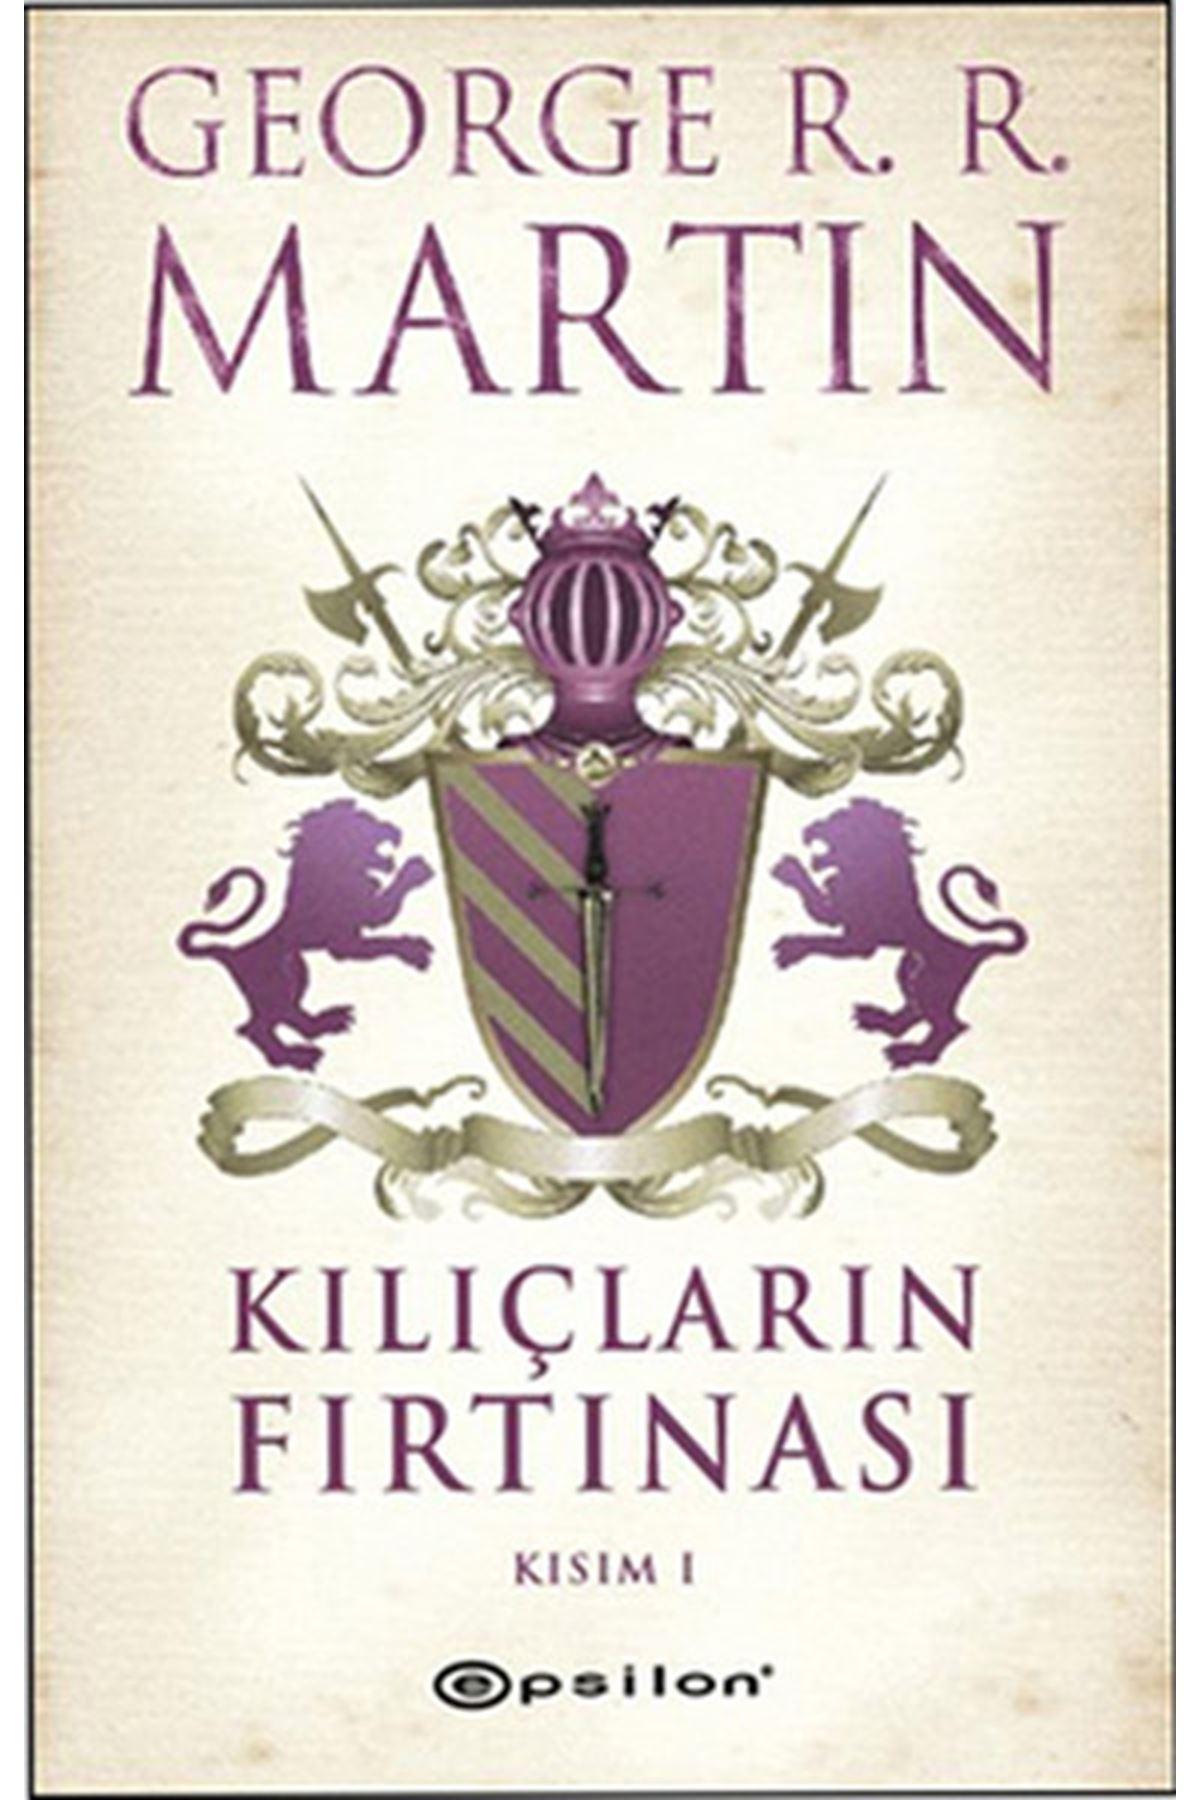 GEORGE R. R. MARTİN - KILIÇLARIN FIRTINASI KISIM 1